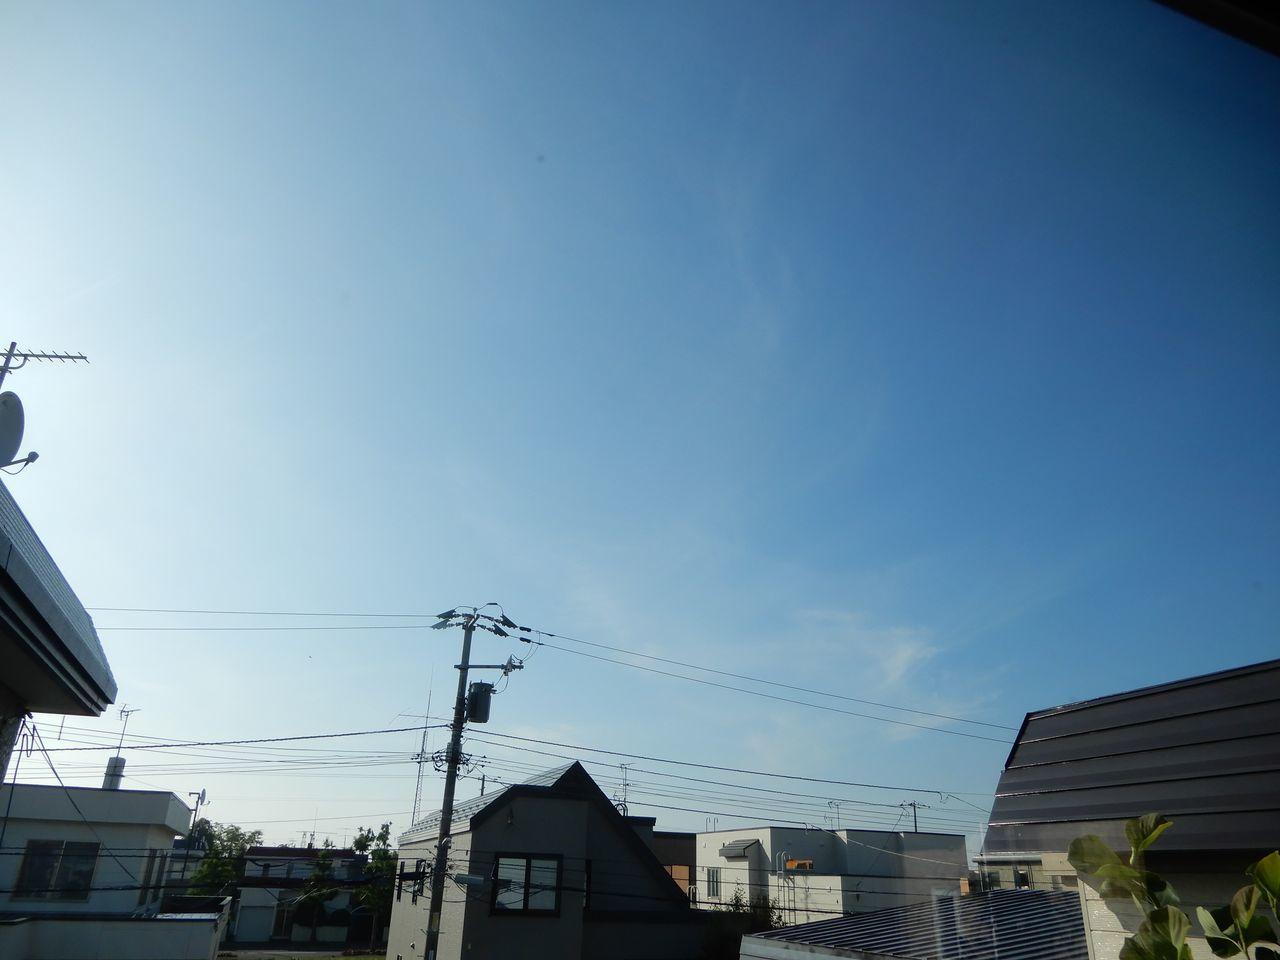 今日も暑かった_c0025115_21554242.jpg